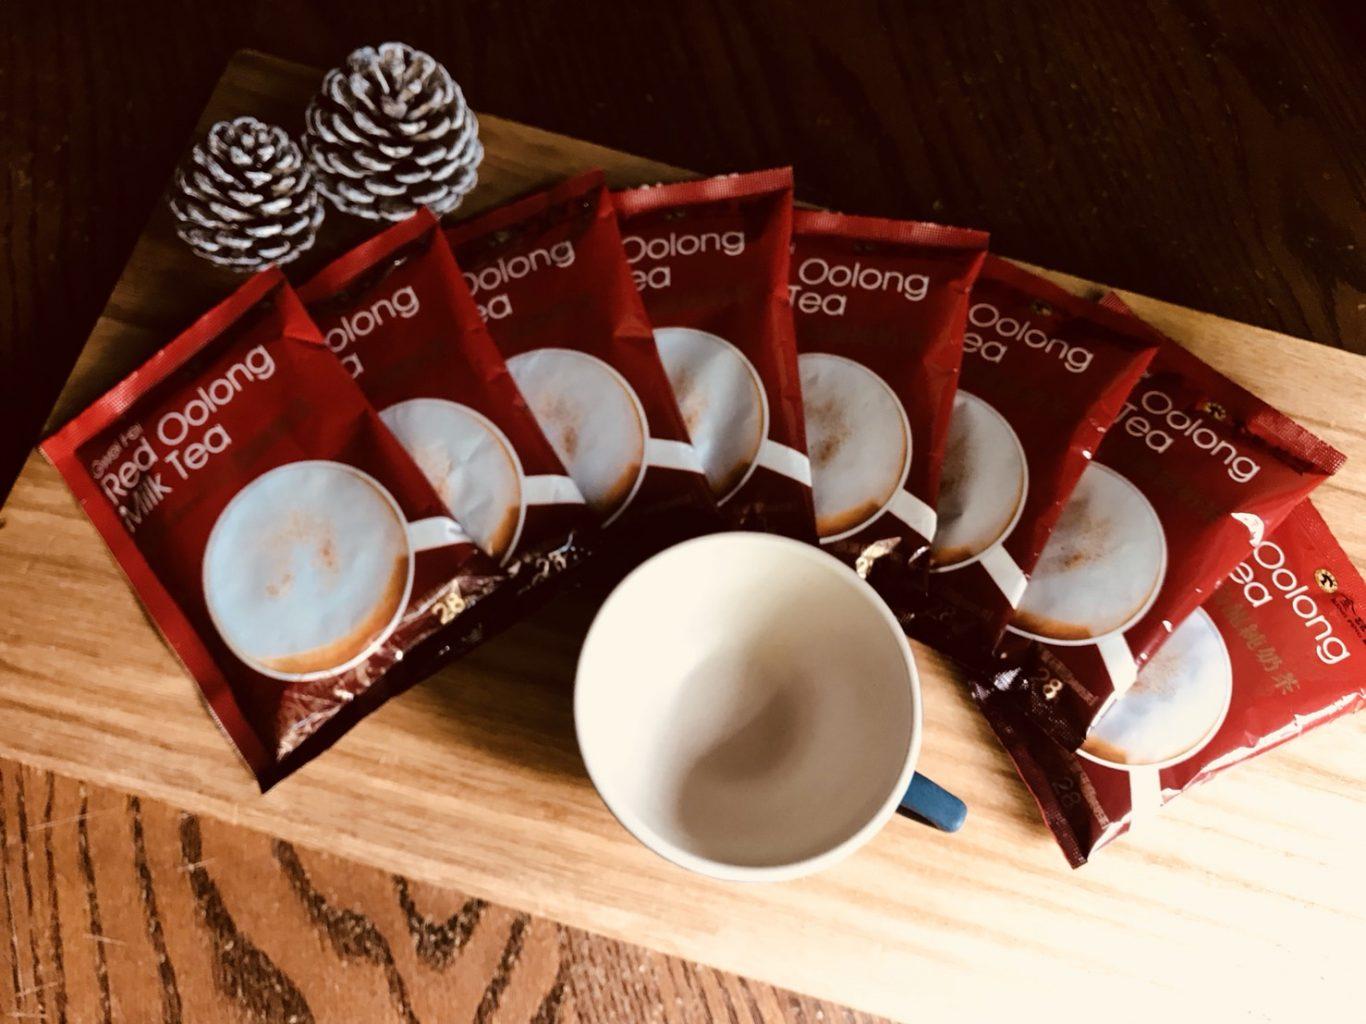 金品茗茶 貴妃紅の烏龍純奶茶 奶茶控必喝100%純奶粉新品! 6